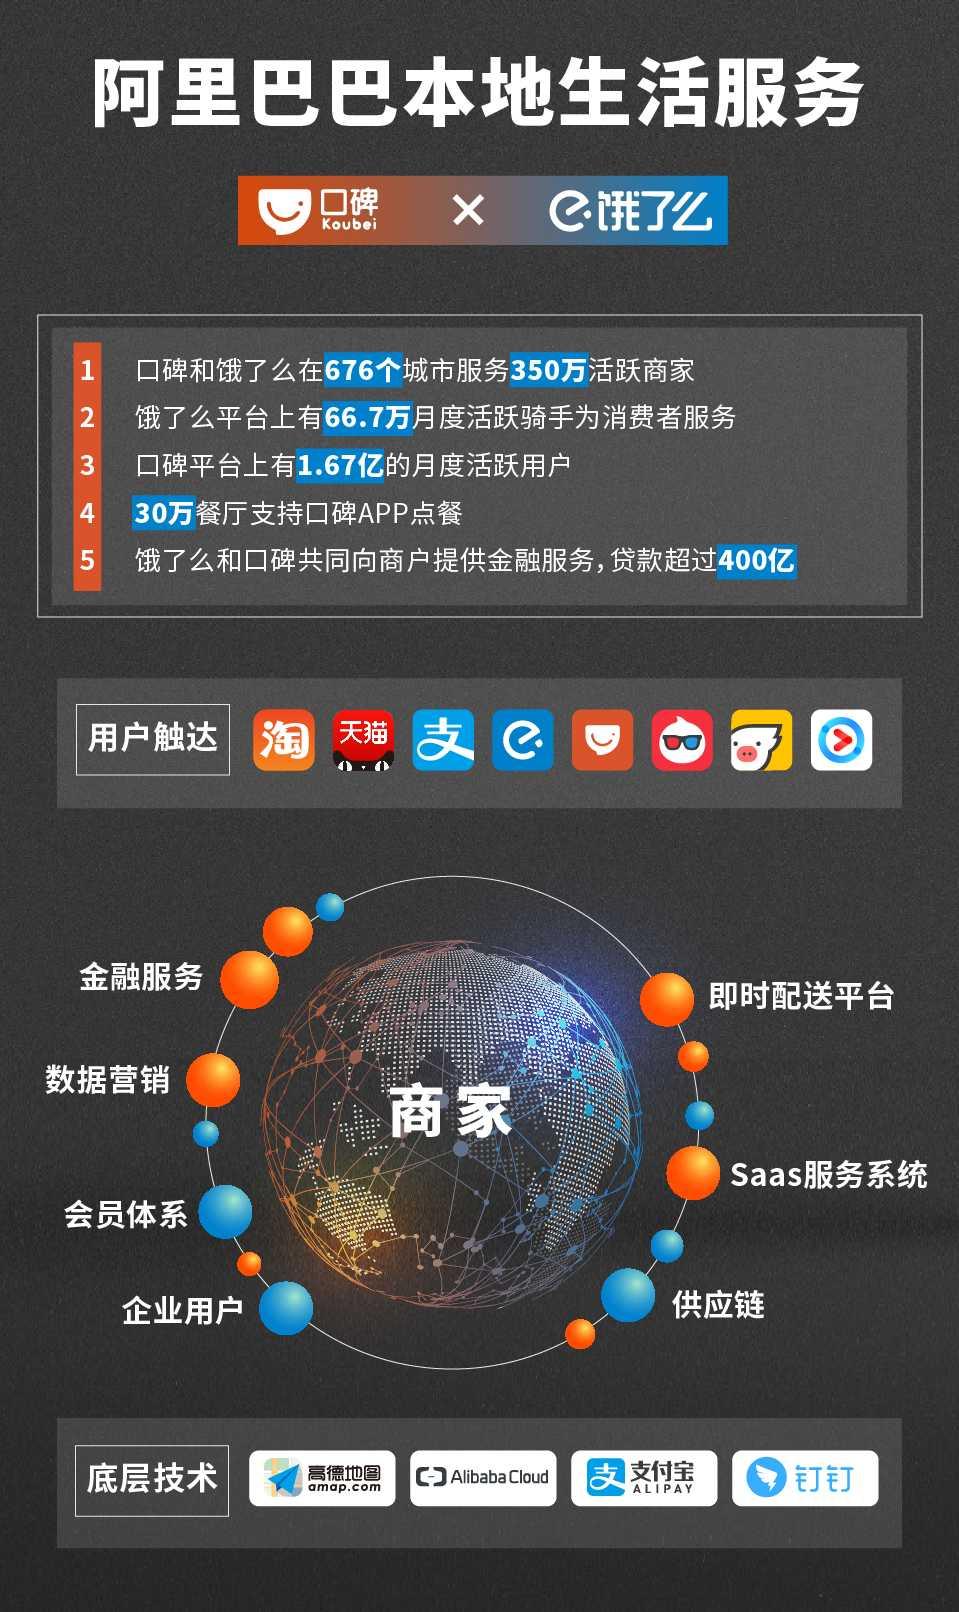 饿了么口碑合并:饿了么CEO王磊兼新公司总裁,向张勇汇报